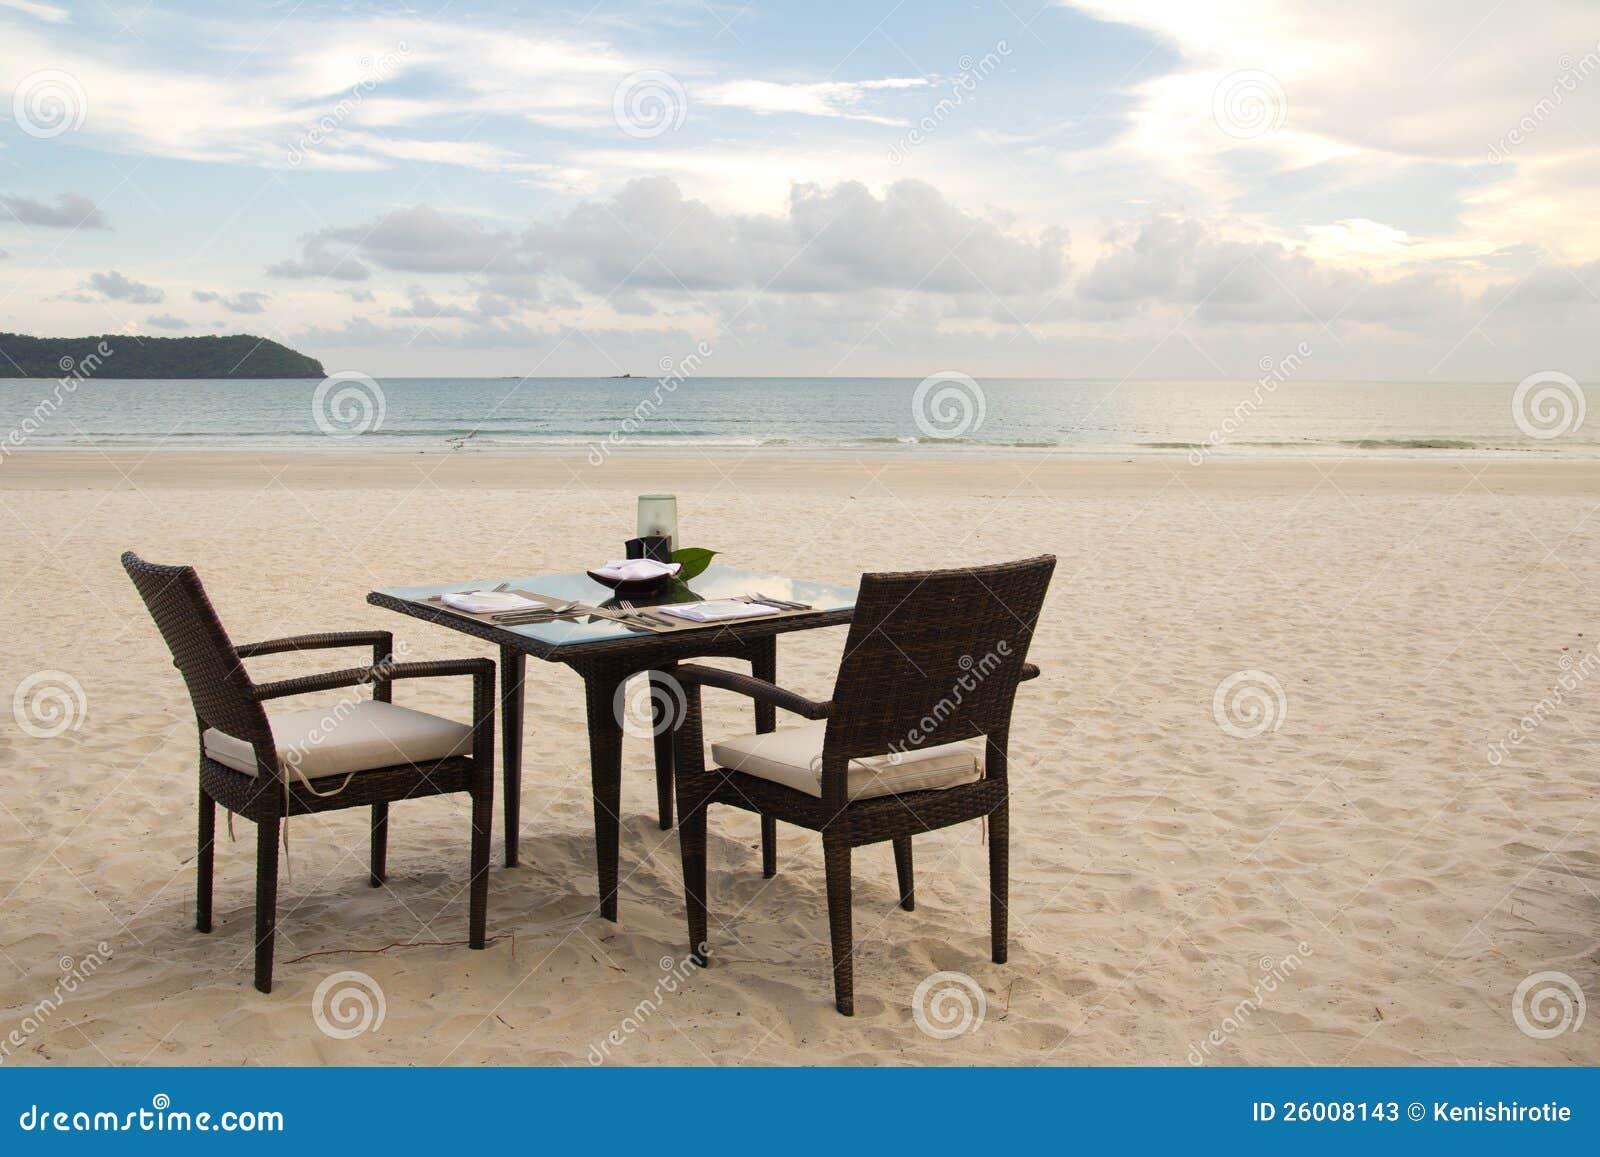 Dining table on beach